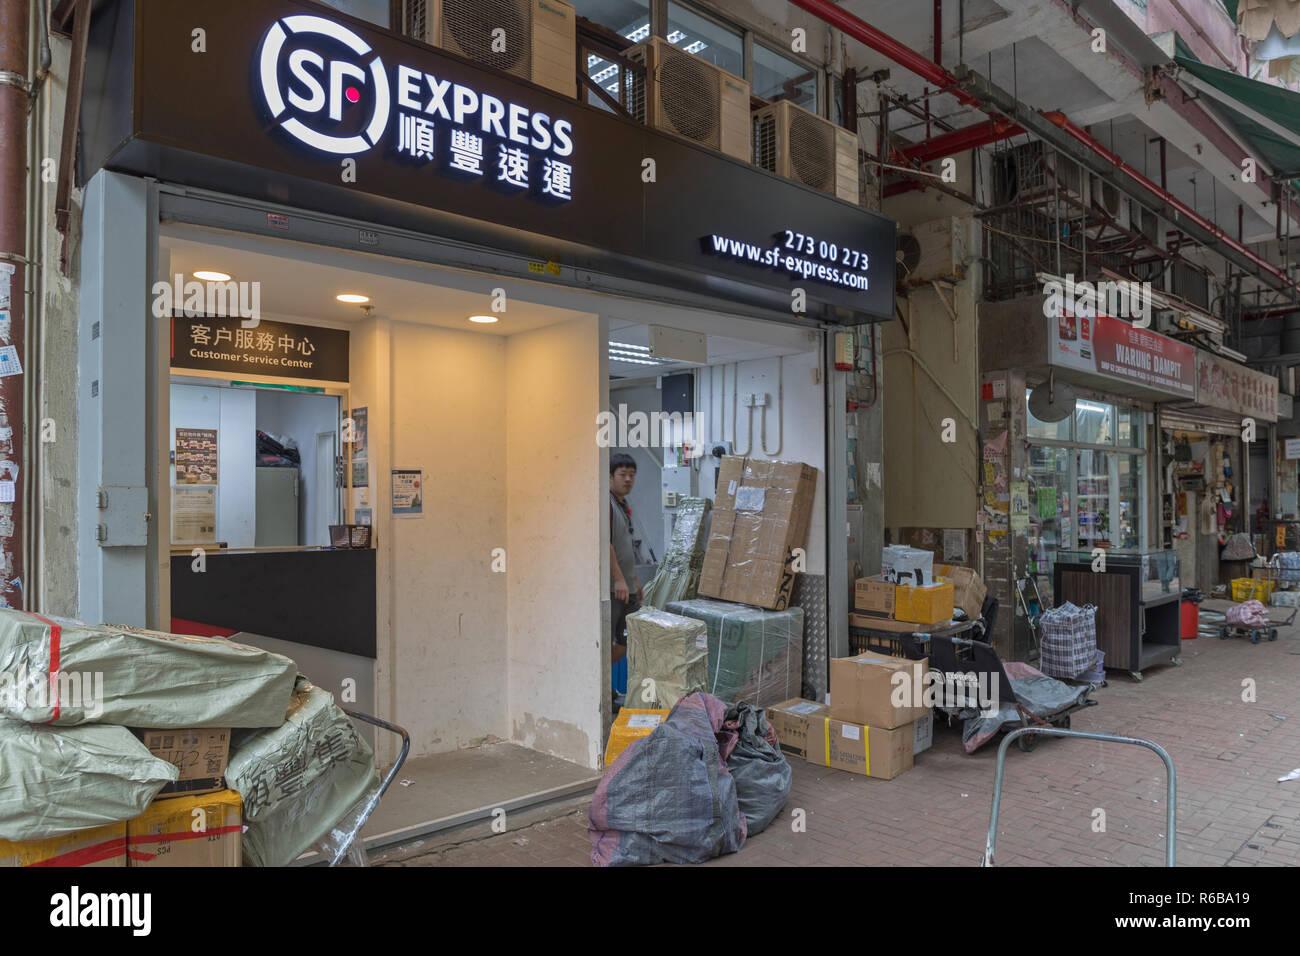 Kowloon Hong Kong April 22 2017 Sf Express Shipping And